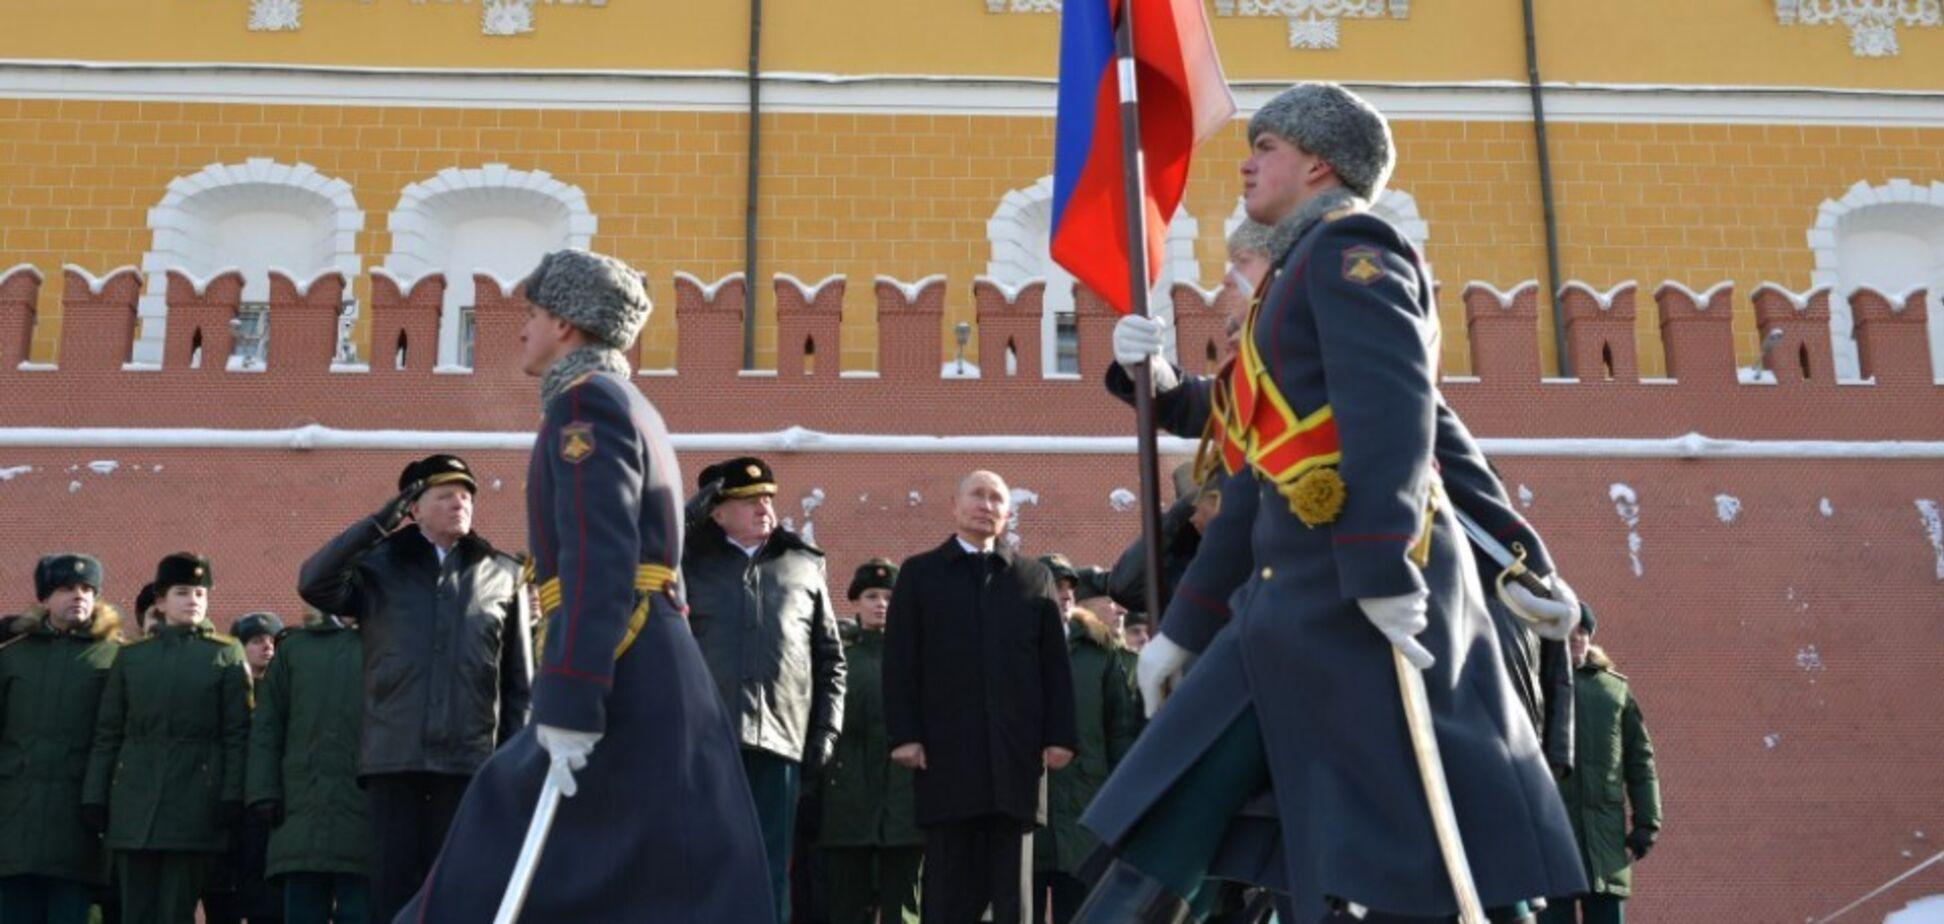 Путін і його оточення – не політики, а вбивці та злодії